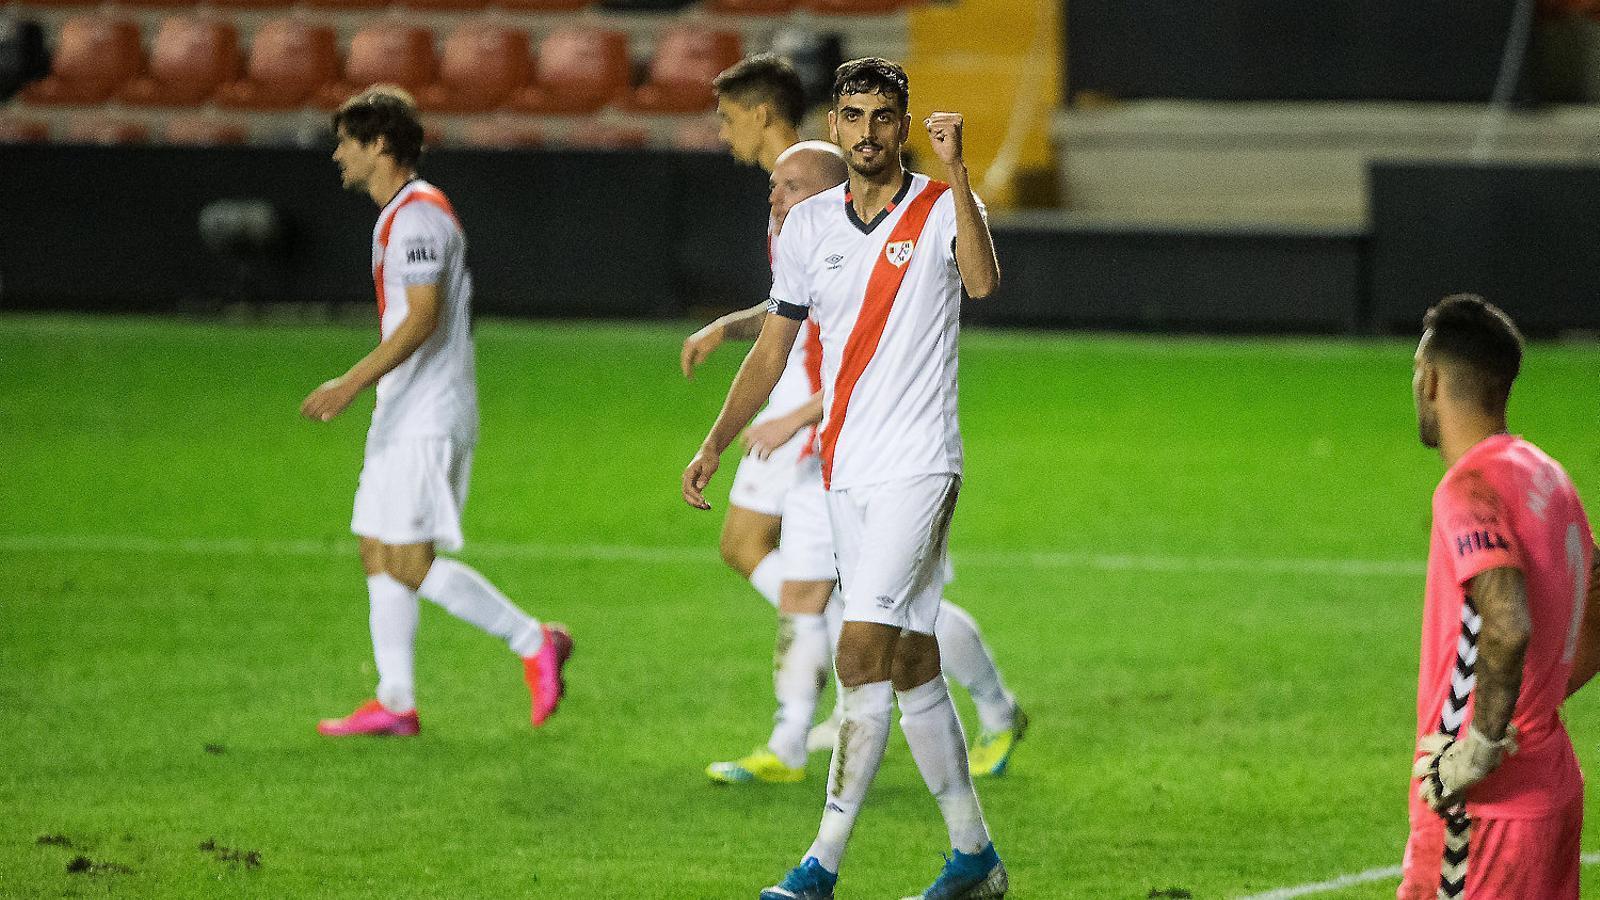 Cruel estrena del Sabadell (2-1)